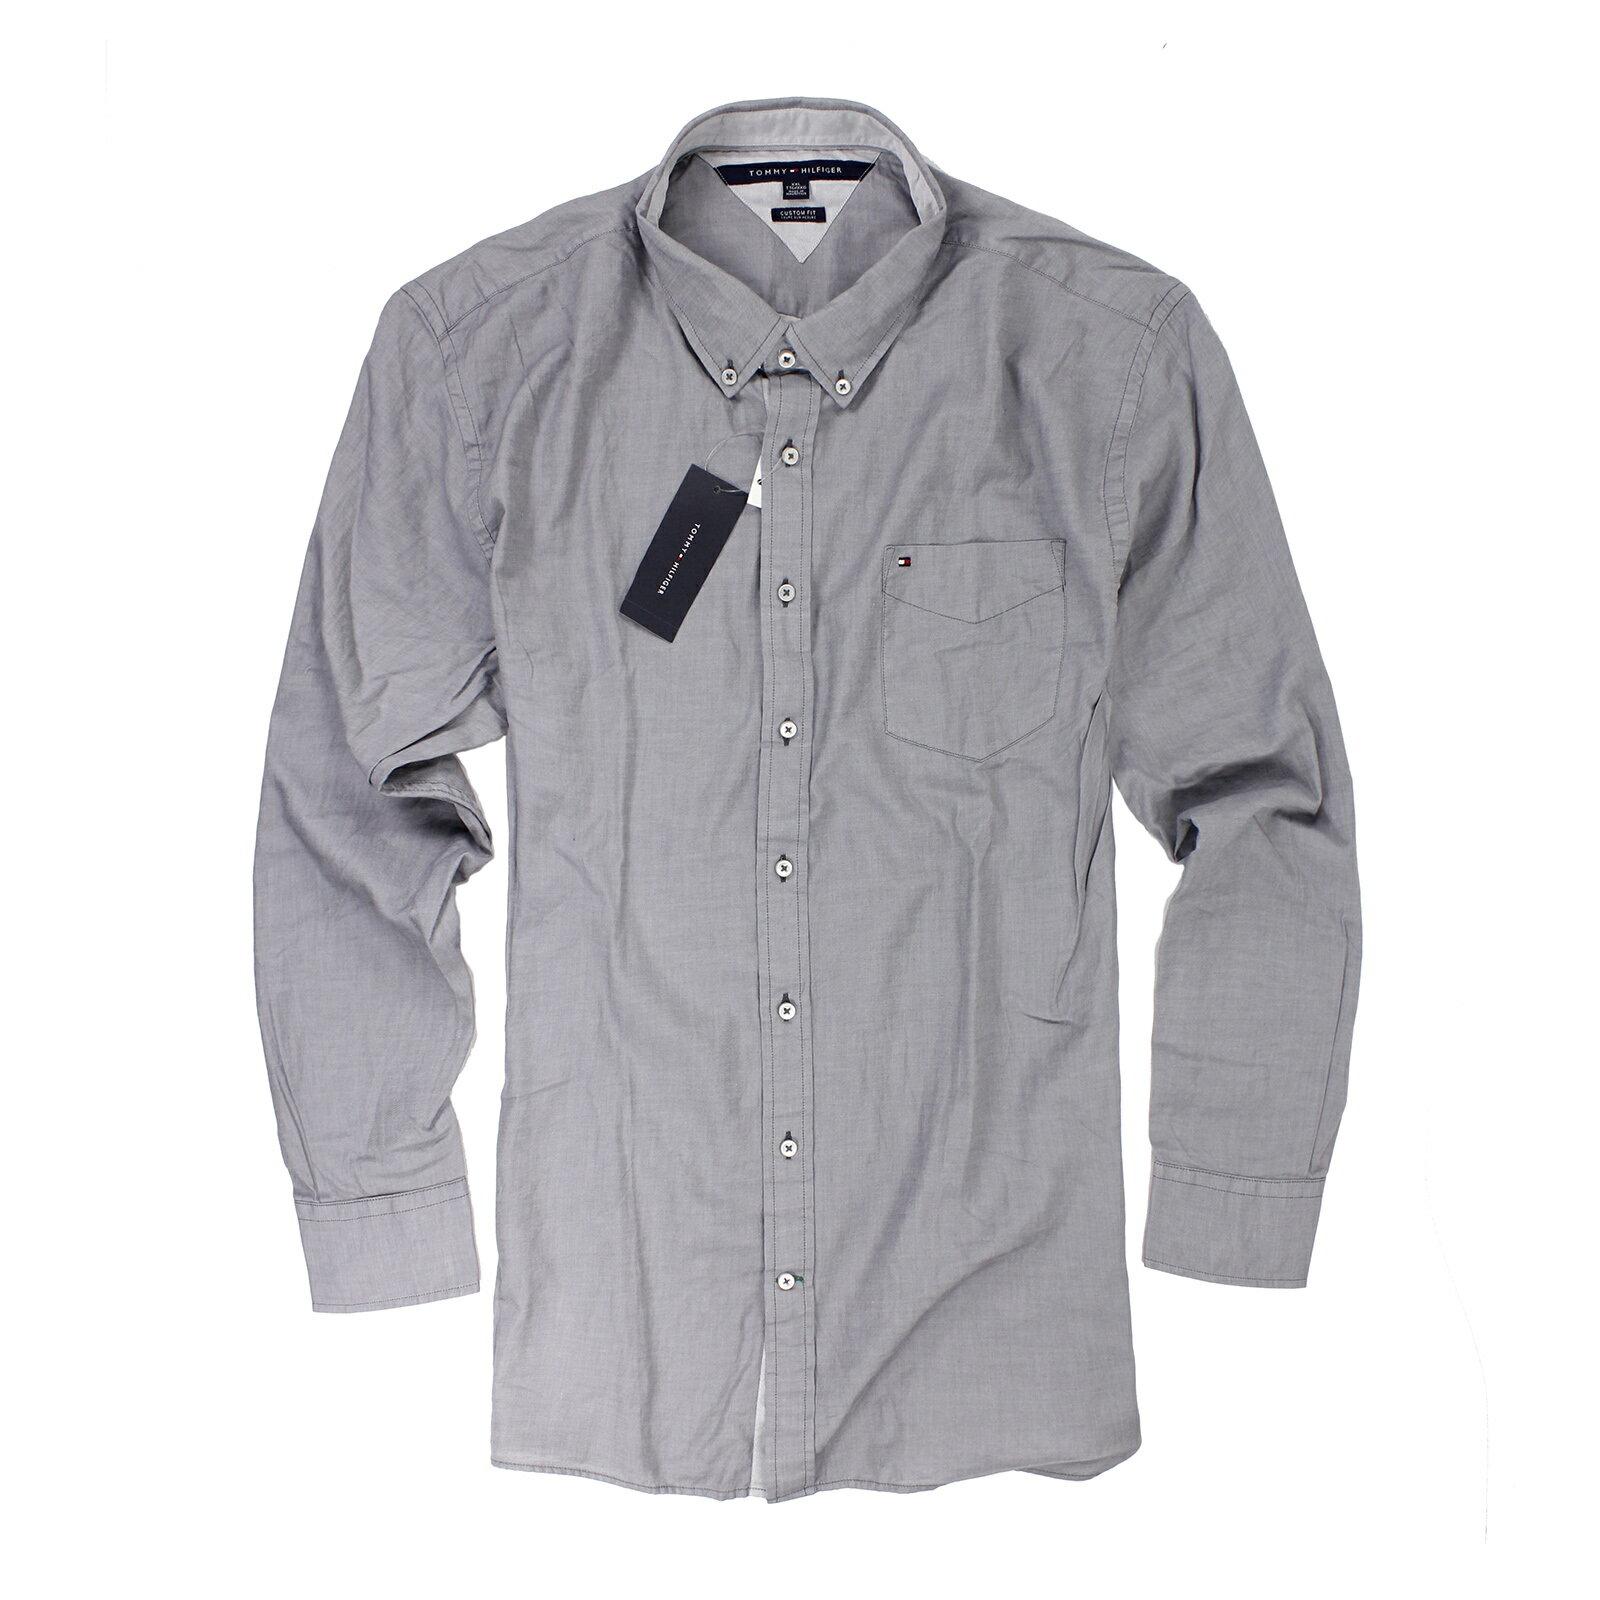 美國百分百【全新真品】Tommy Hilfiger 襯衫 TH 灰 口袋 上衣 男衣 長袖 襯衫 專櫃 XL B887